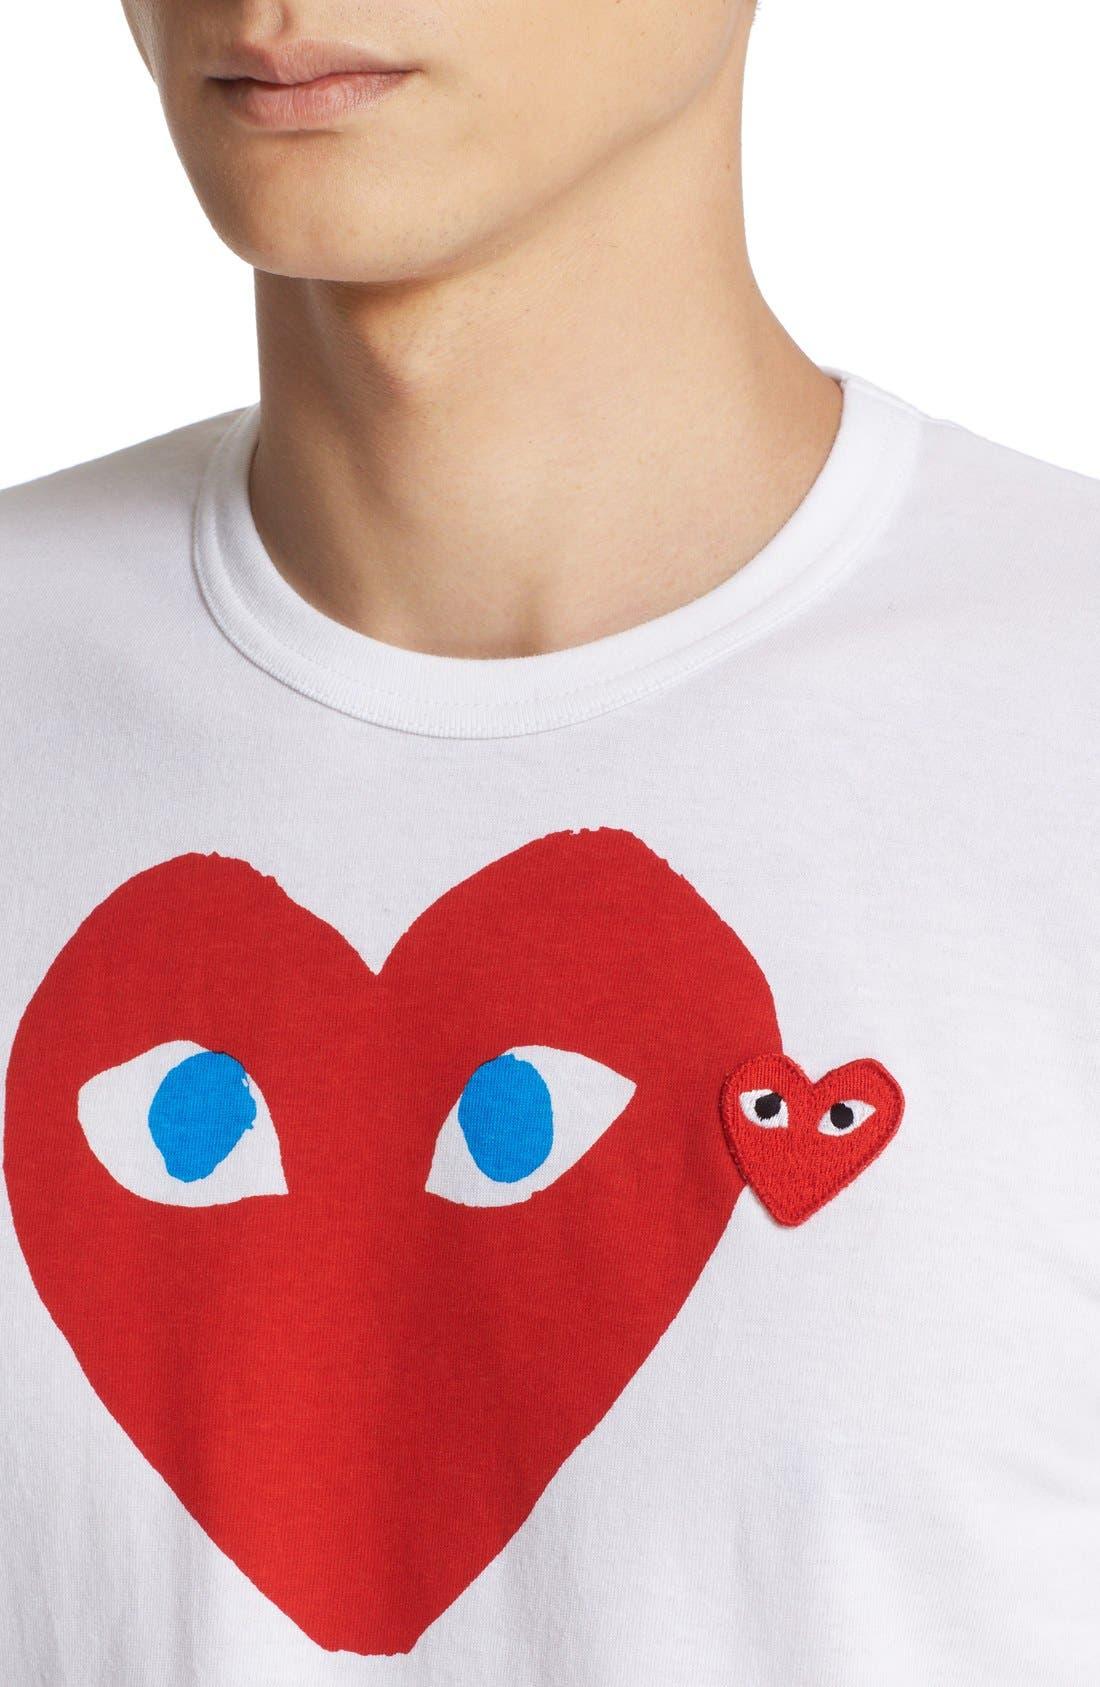 Comme des Garçons PLAY Heart Face Graphic T-Shirt,                             Alternate thumbnail 4, color,                             White